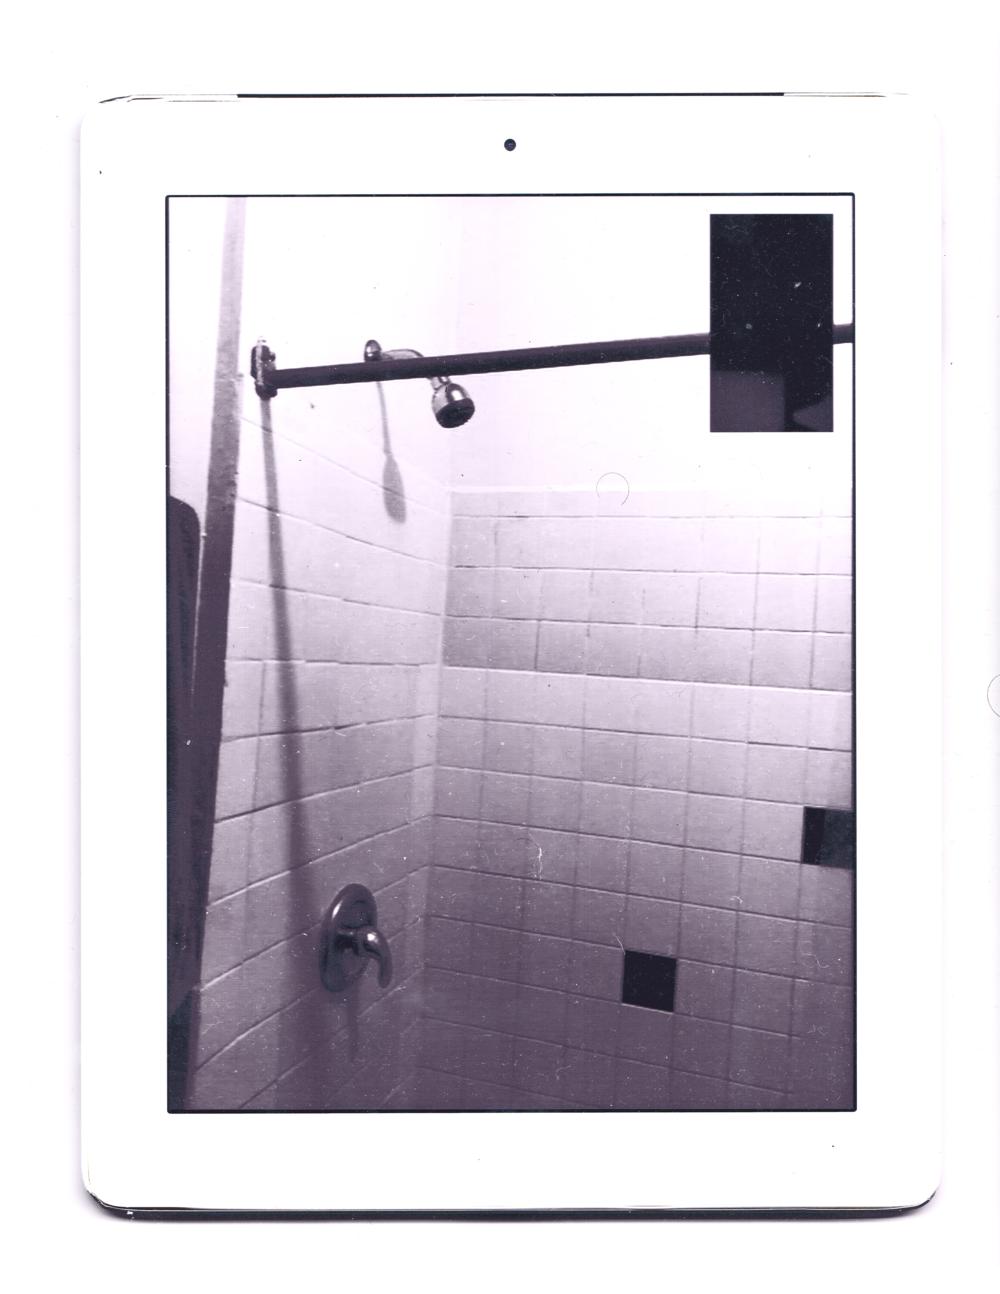 bathroom copy.png